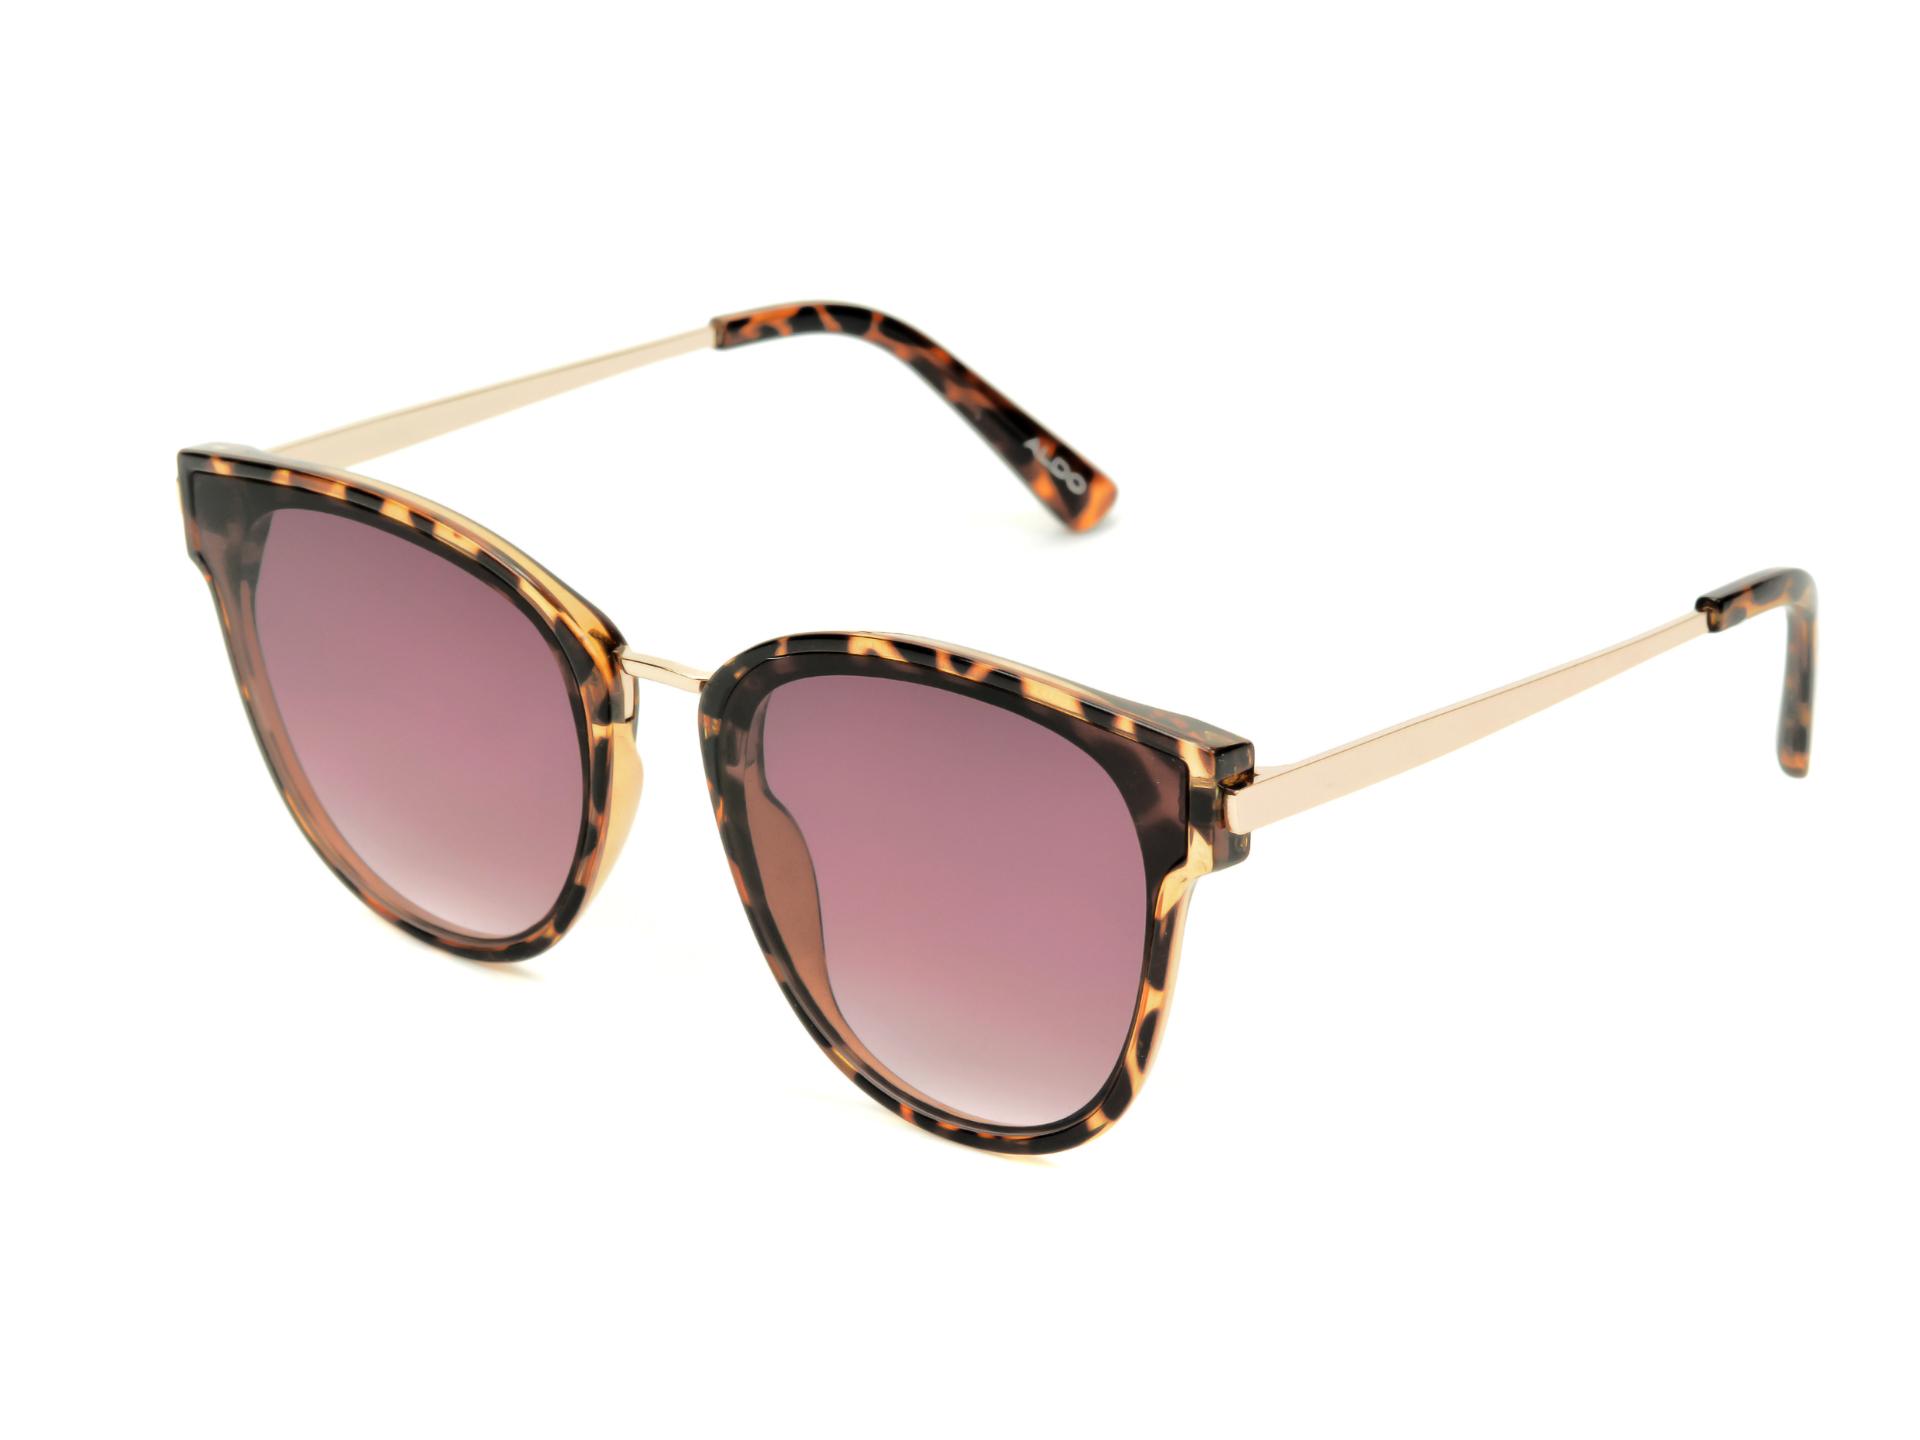 Ochelari de soare ALDO maro, Calmettes240, din PVC imagine